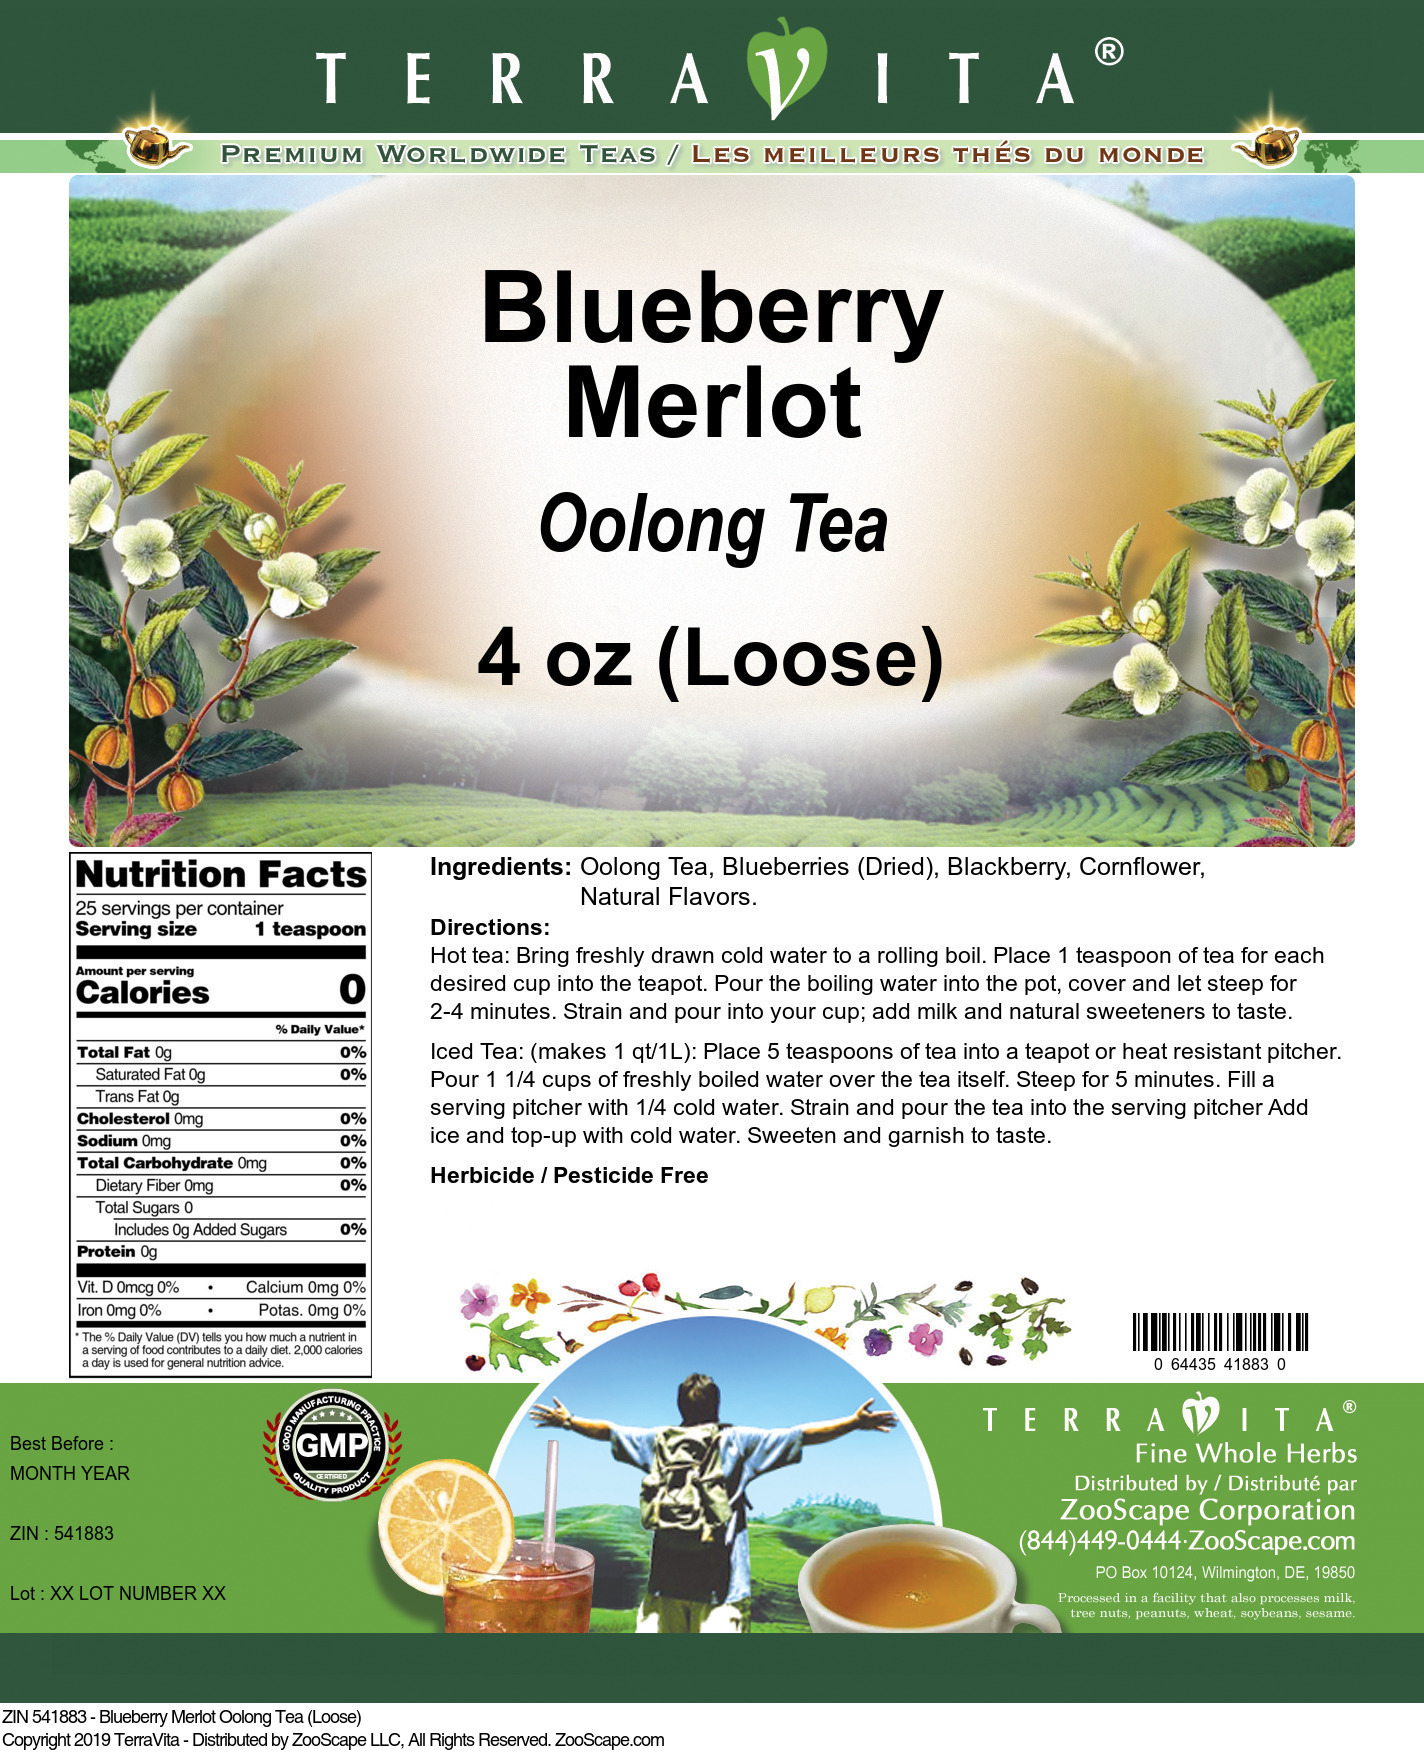 Blueberry Merlot Oolong Tea (Loose)